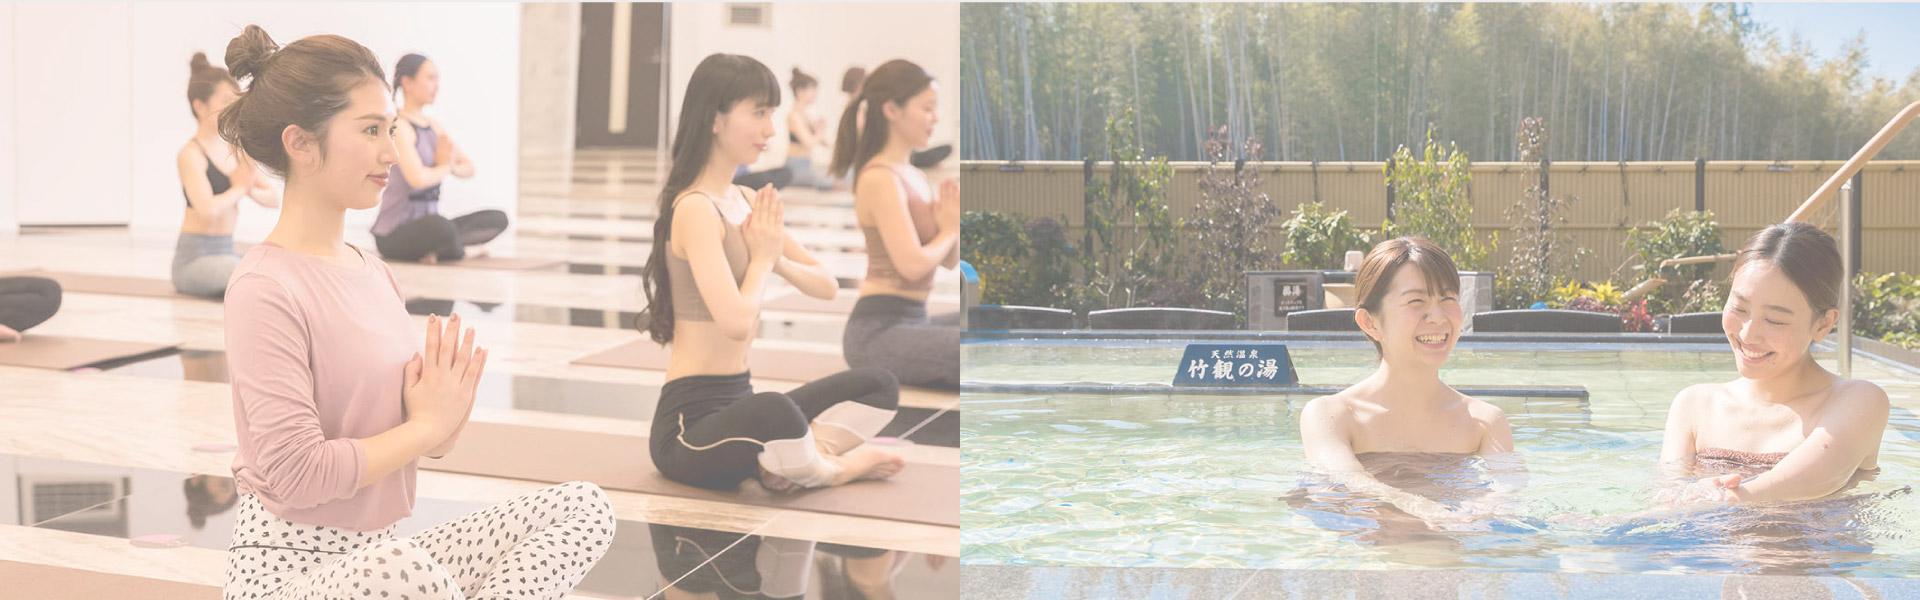 ヨガや天然温泉のイメージ